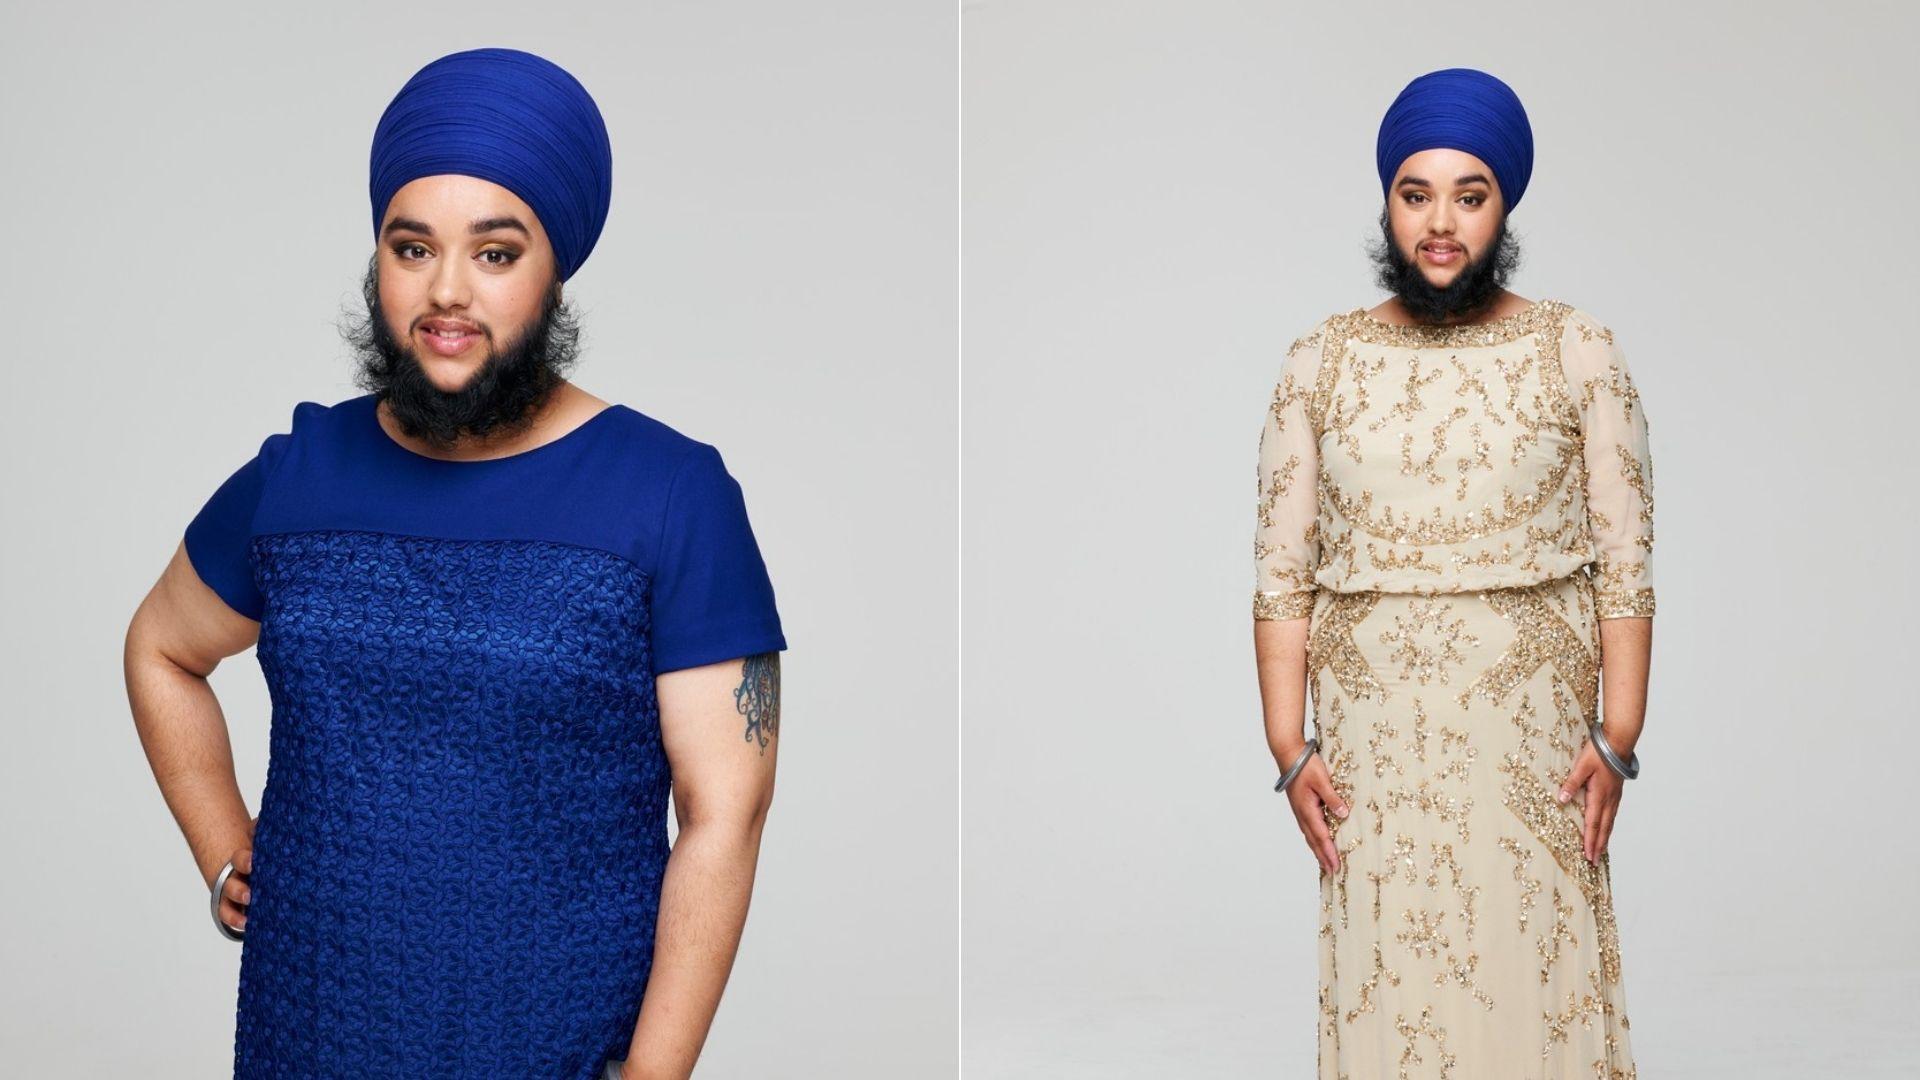 Povestea lui Harnaam Kaur, femeia cu barbă. De ce boală suferă